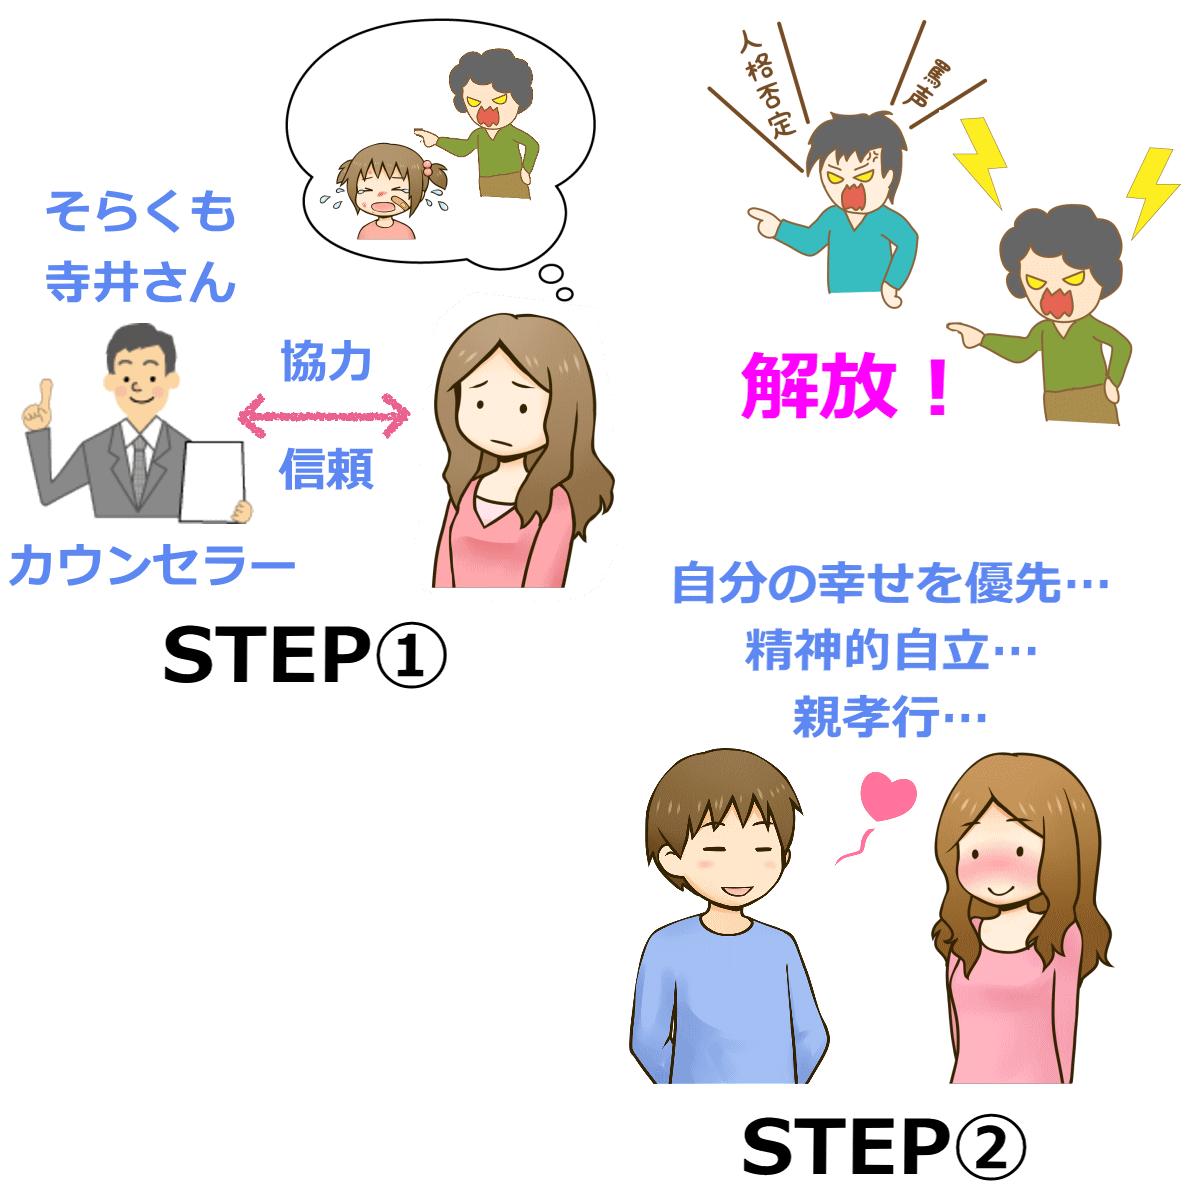 毒親から解放される方法に必要な2ステップを表すイラスト